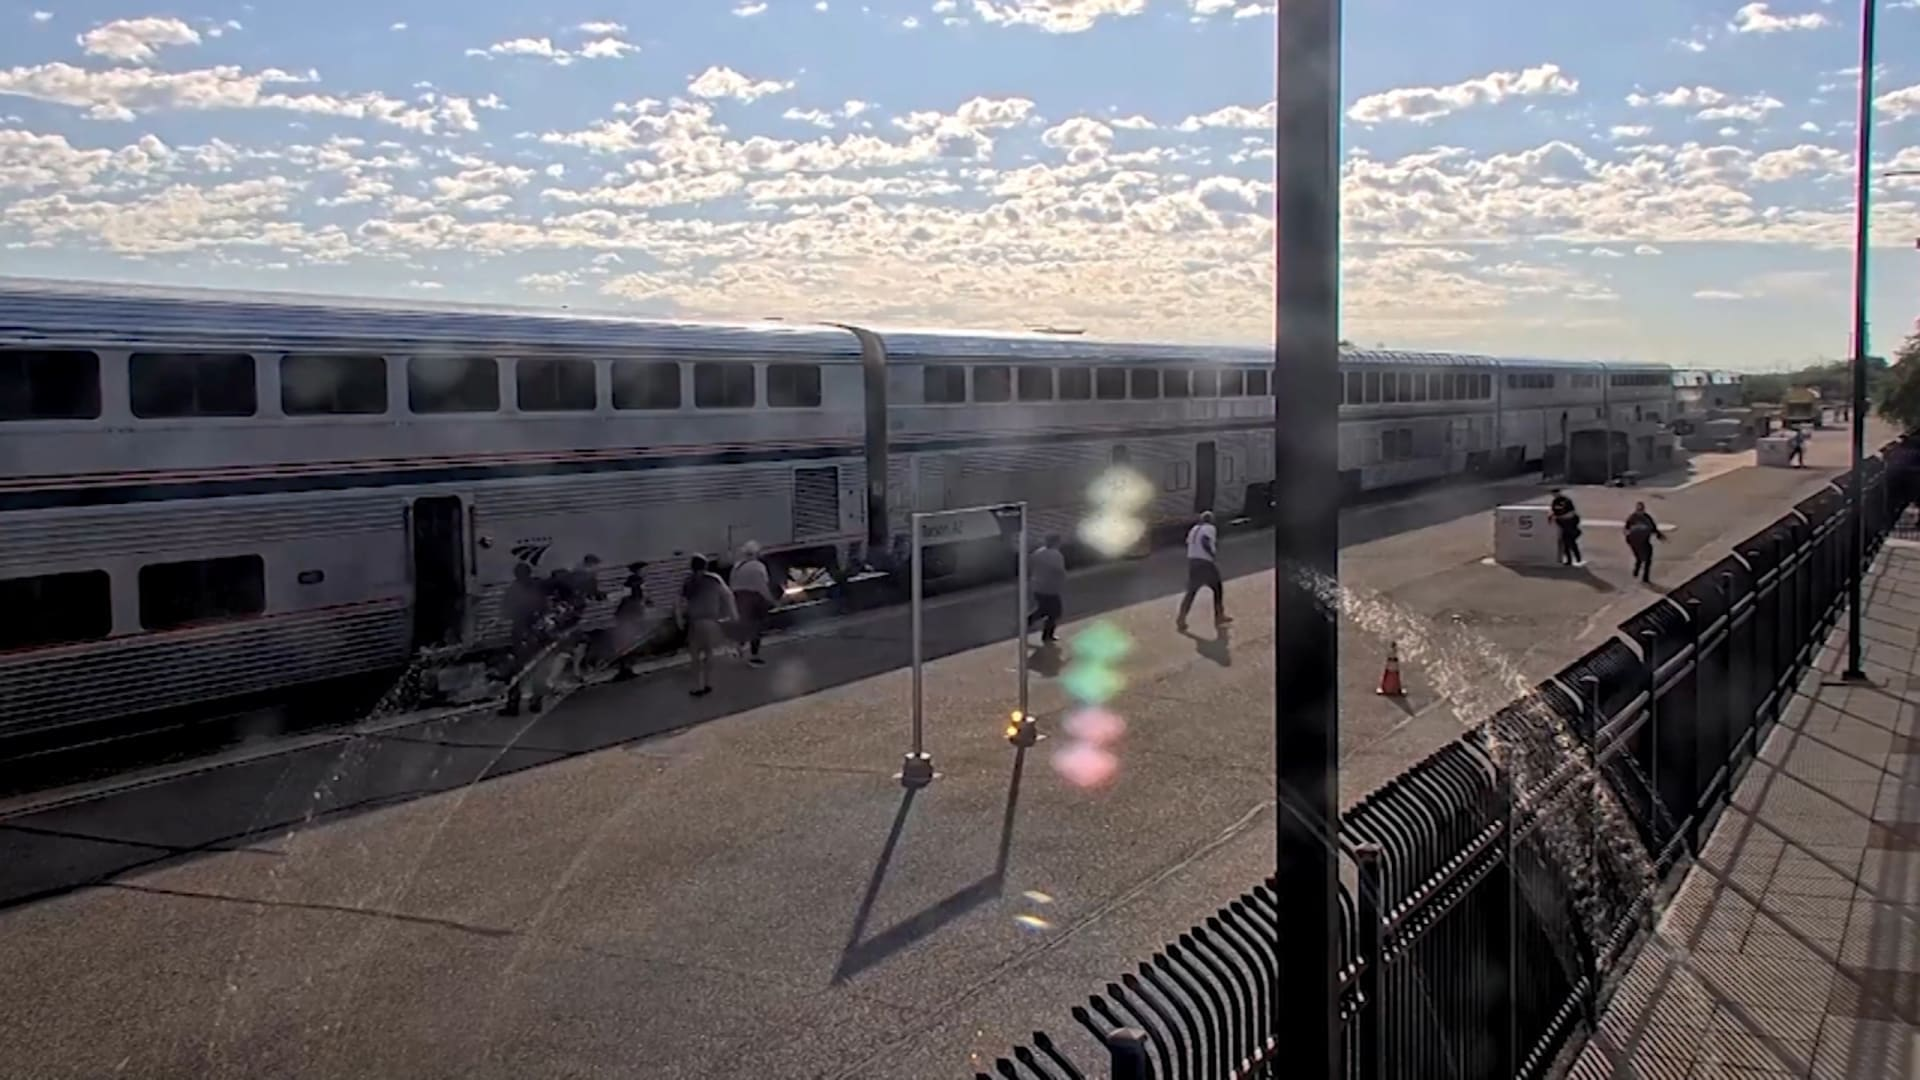 بكاميرات مراقبة.. شاهد لحظات تبادل إطلاق النار بين مسلح والشرطة في قطار يعج بالركاب